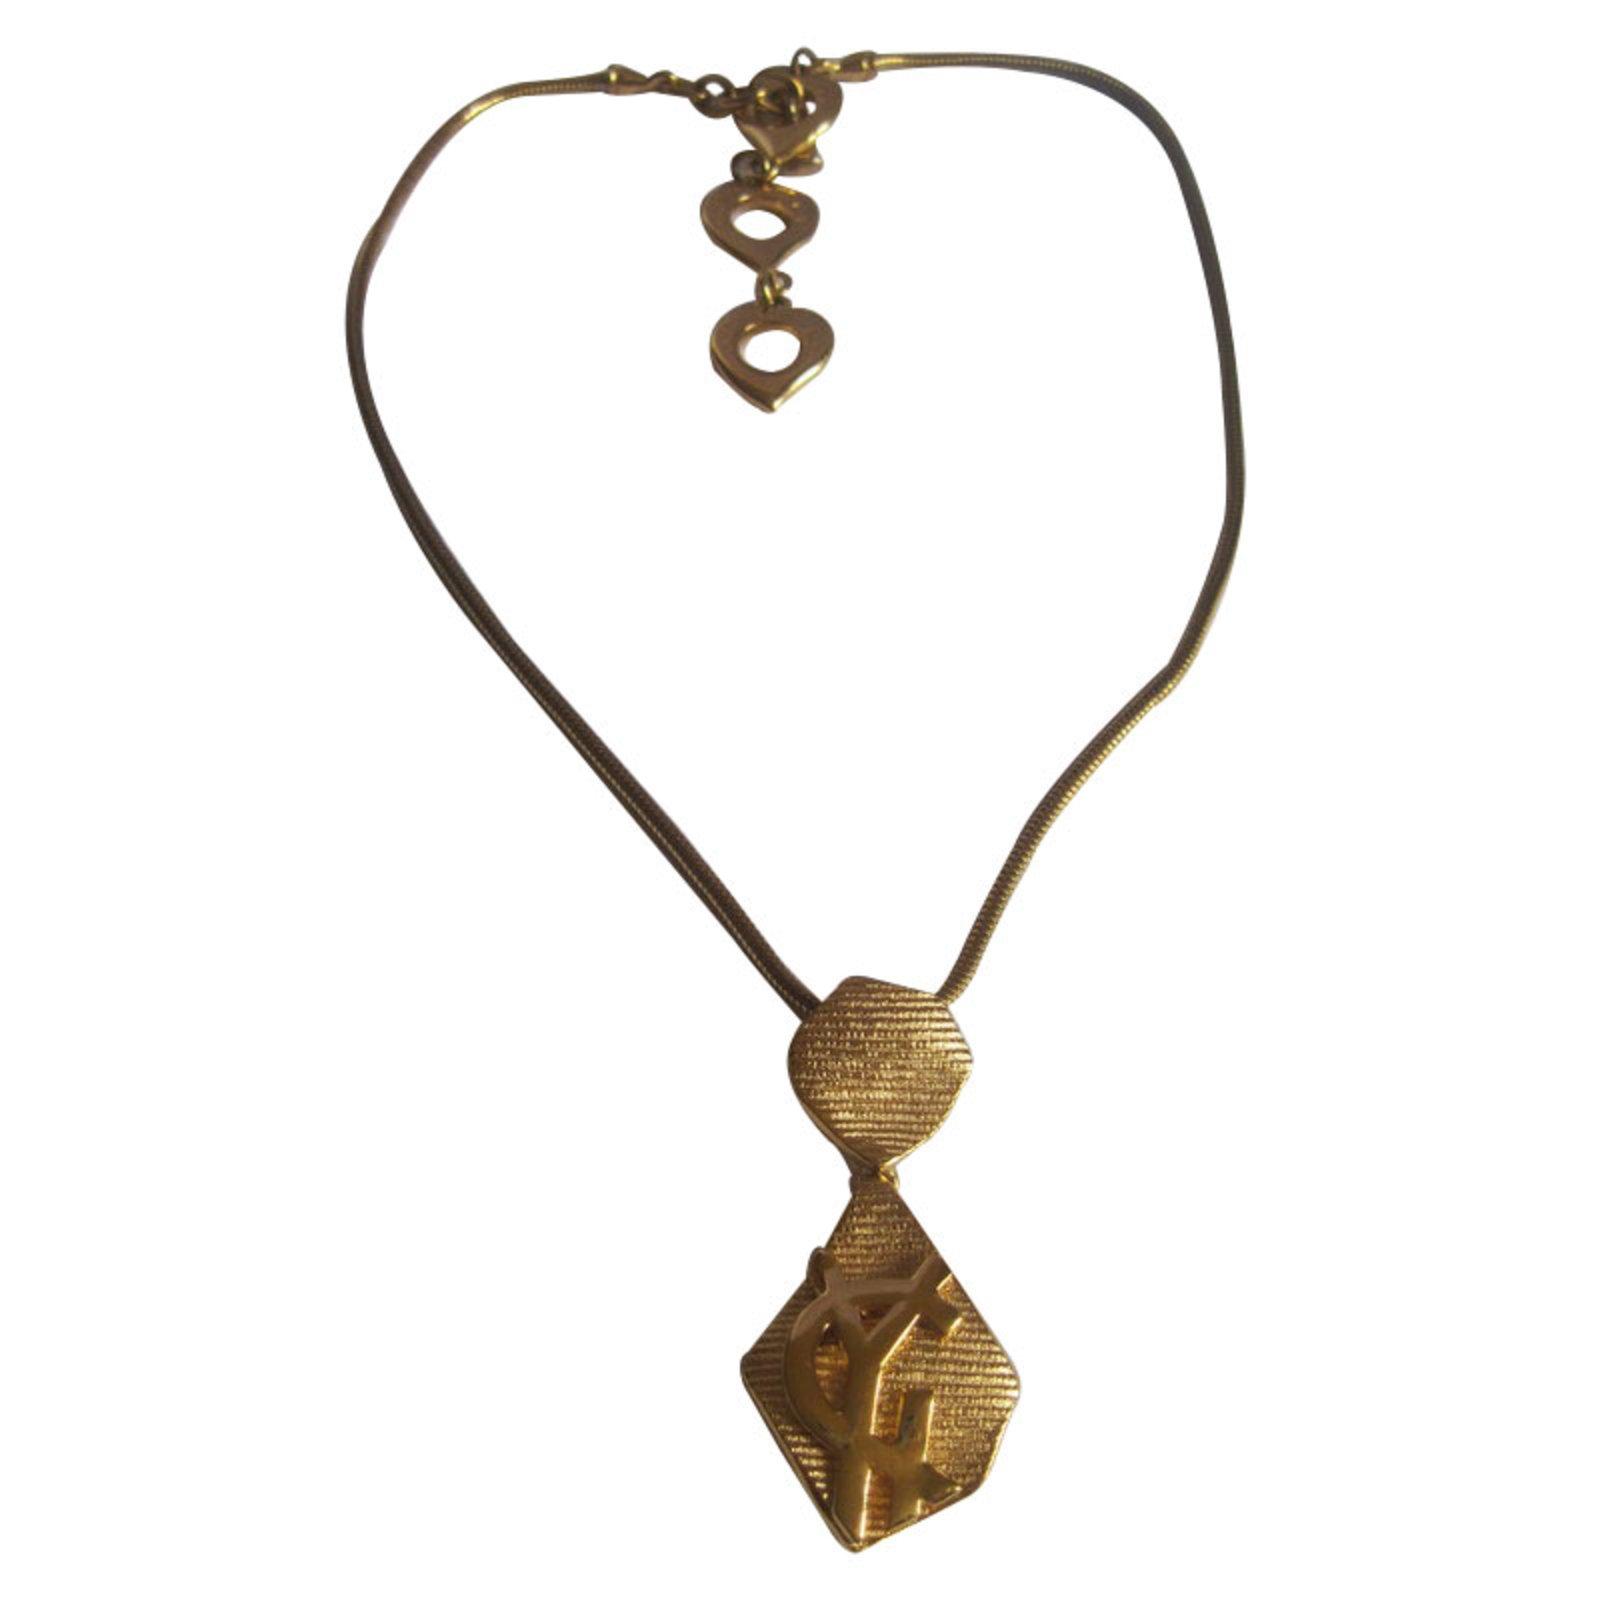 bcf0aa1f5cf Yves Saint Laurent Necklaces Necklaces Metal Golden ref.10943 - Joli ...